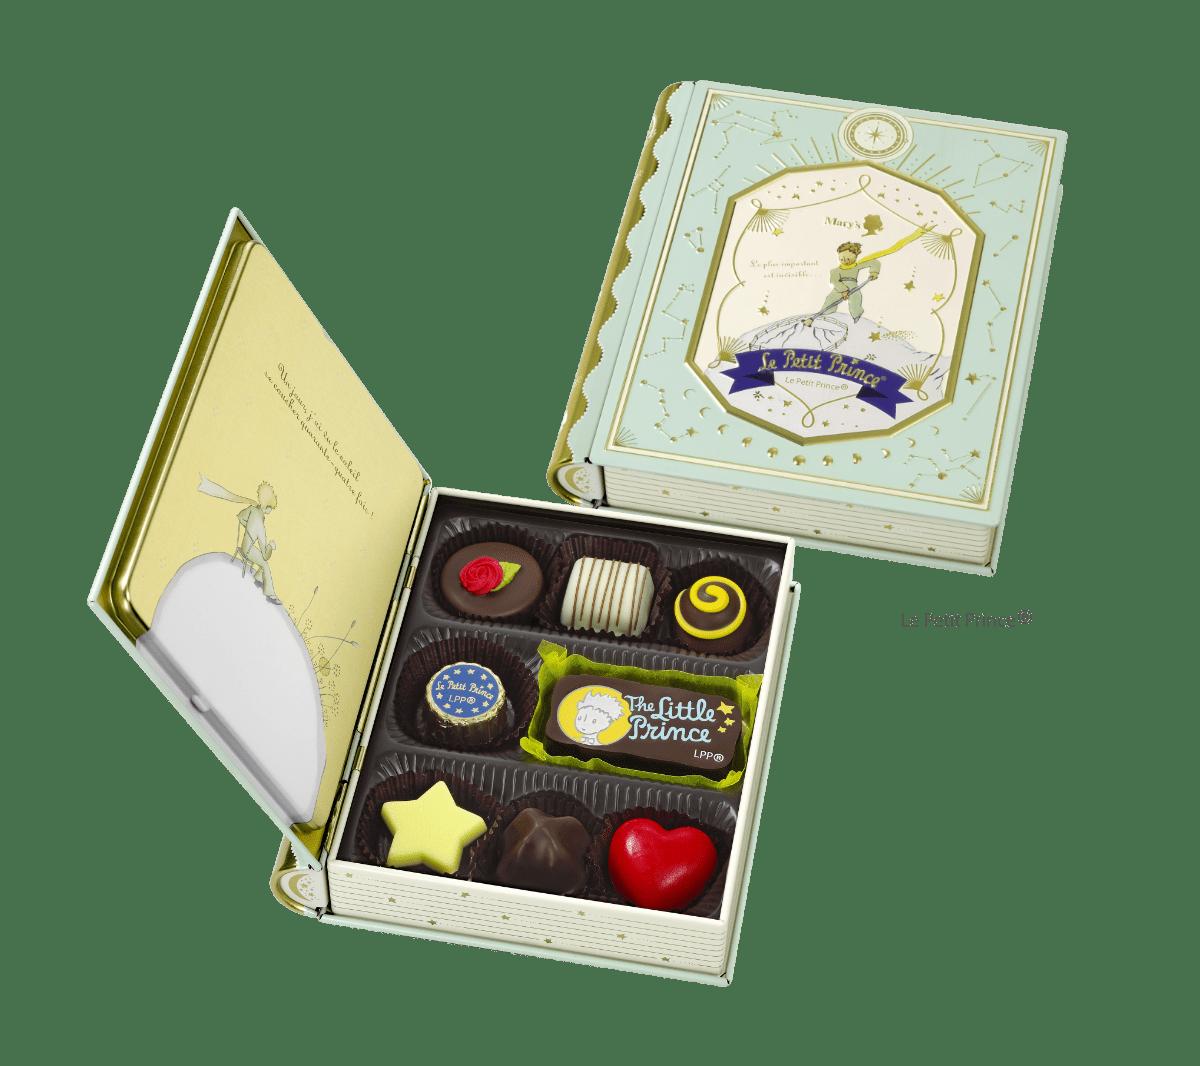 星の王子さまのチョコレートが入った本の形の缶